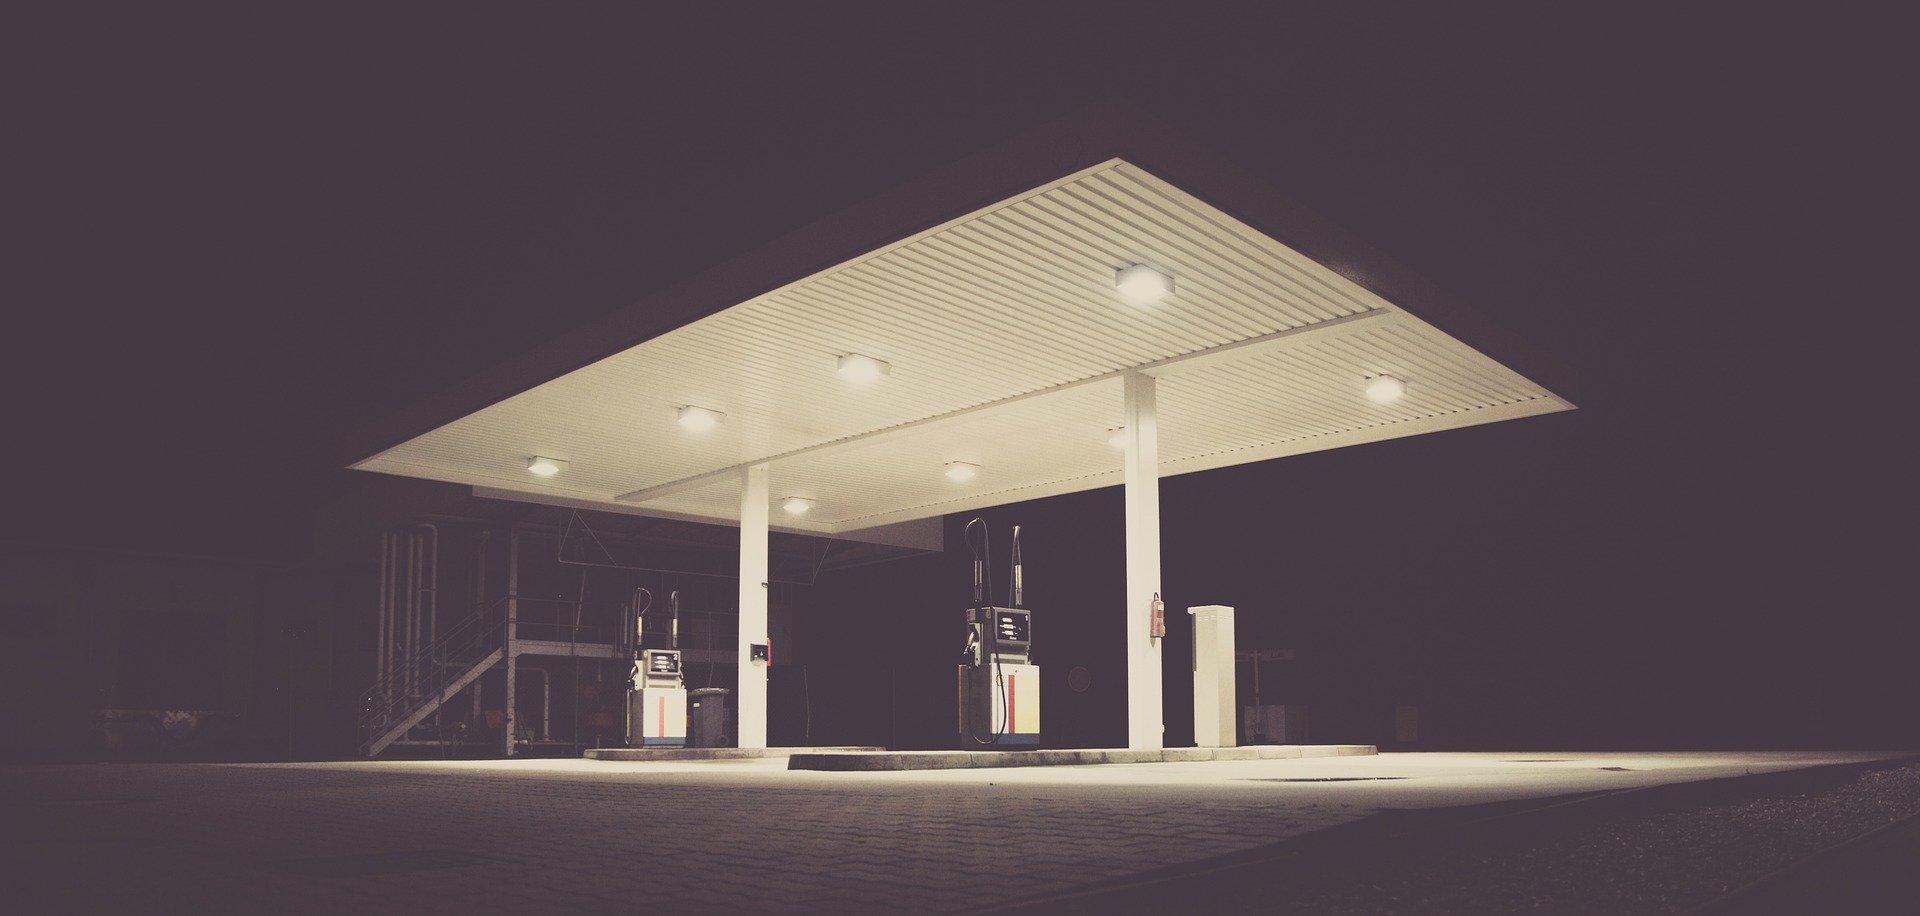 013932067 filling station 18397601920